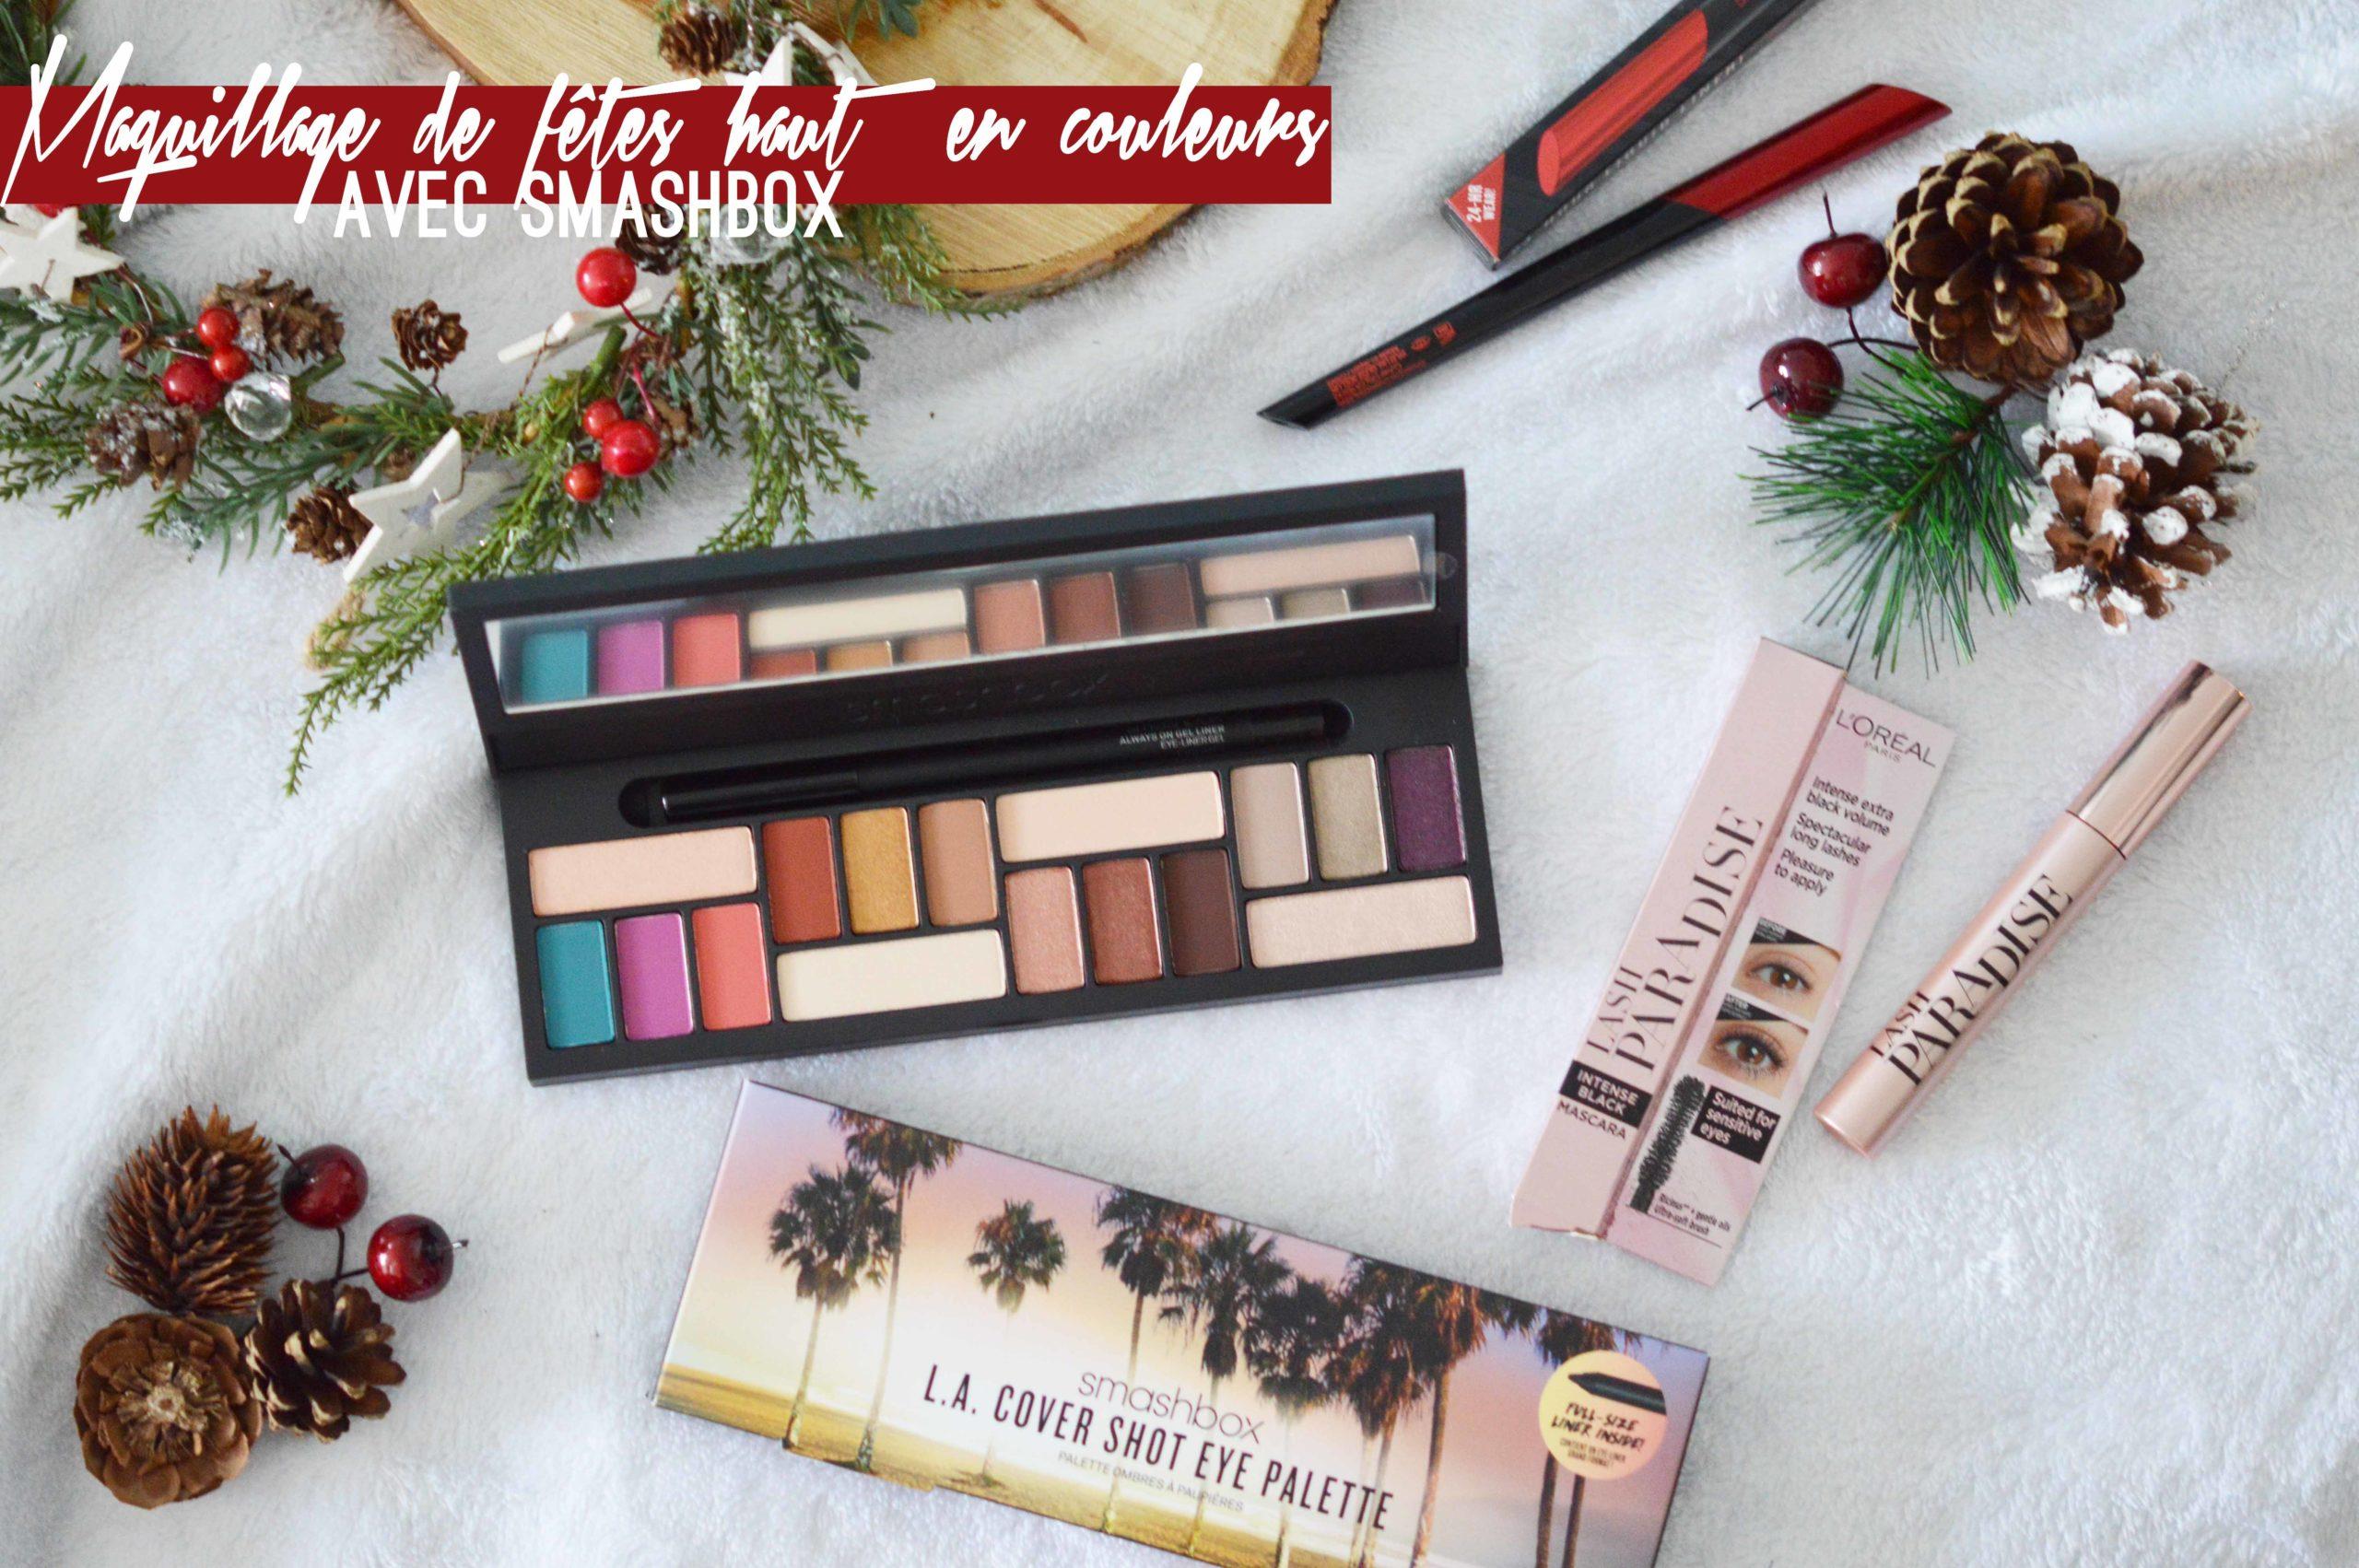 Maquillage de fêtes en couleurs avec Smashbox